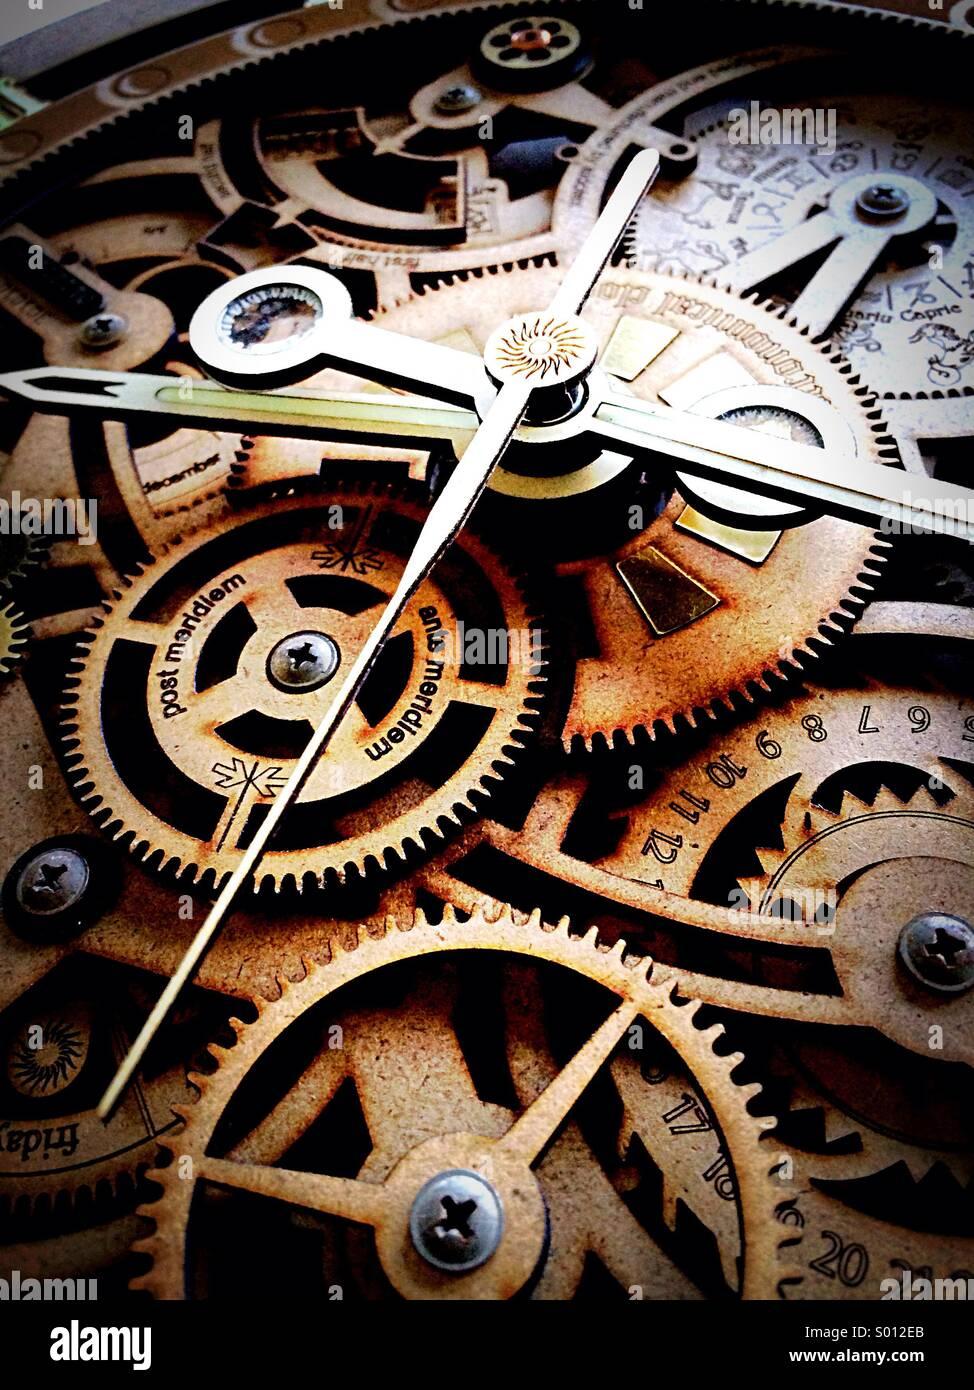 Reloj Time Piece Imagen De Stock